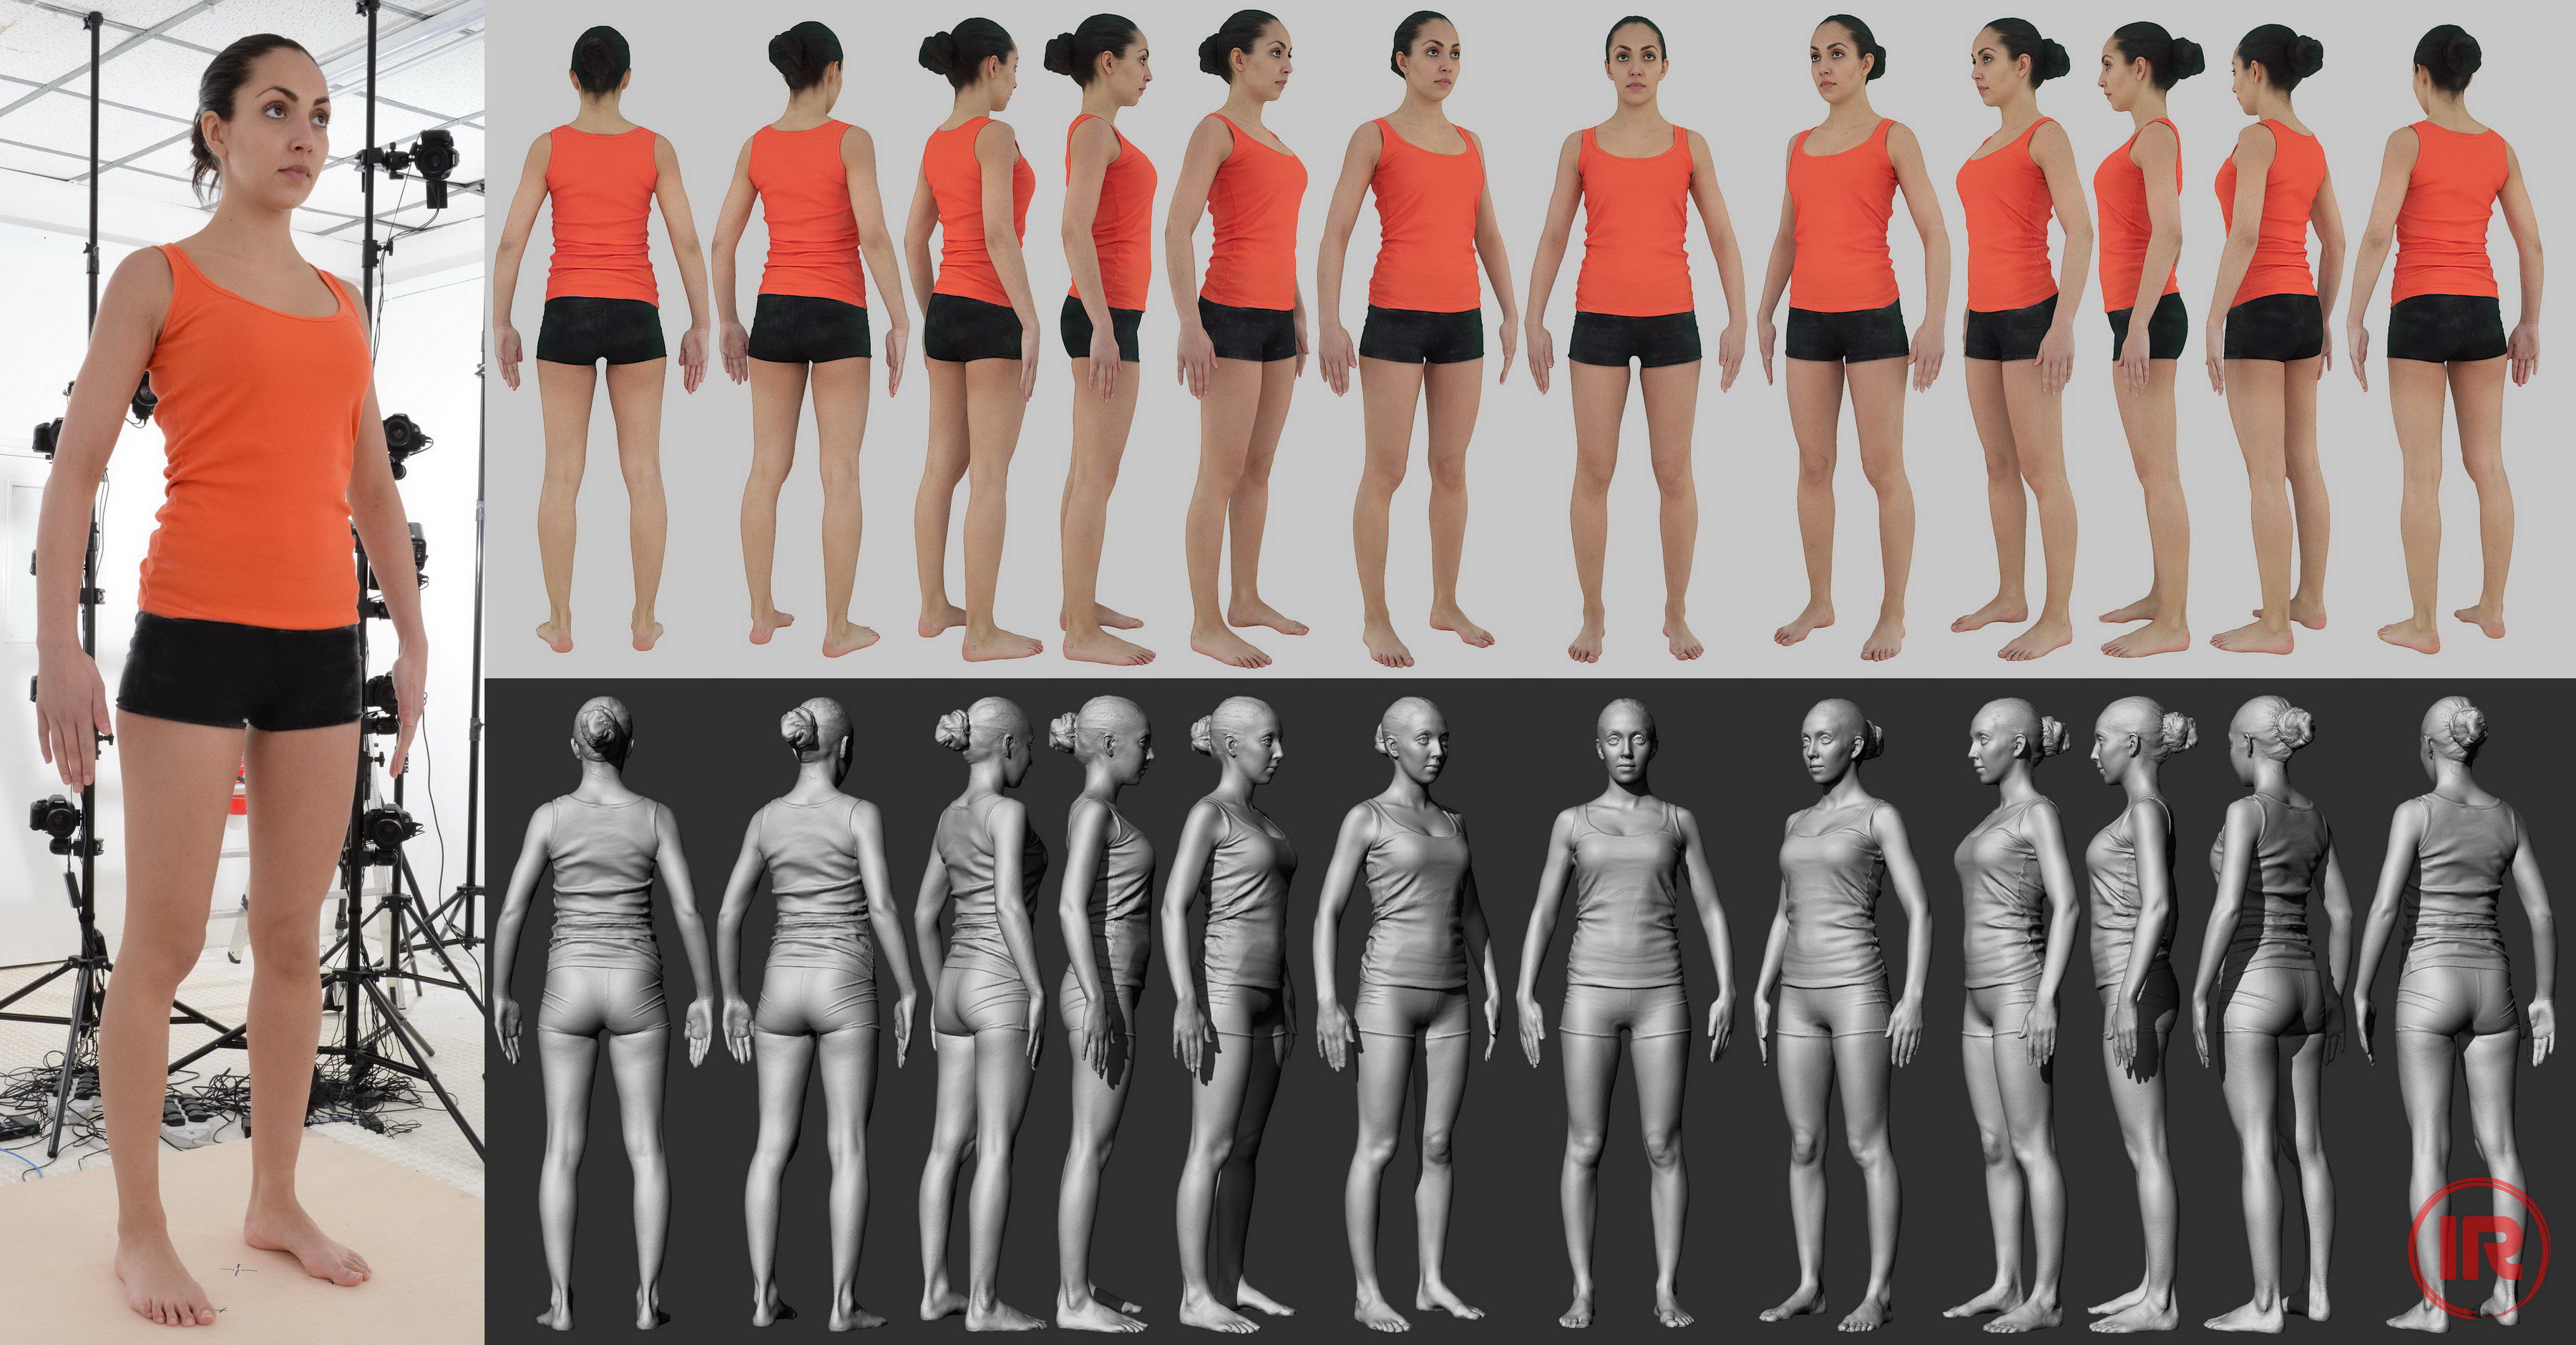 3d model scaned nude people nude comic